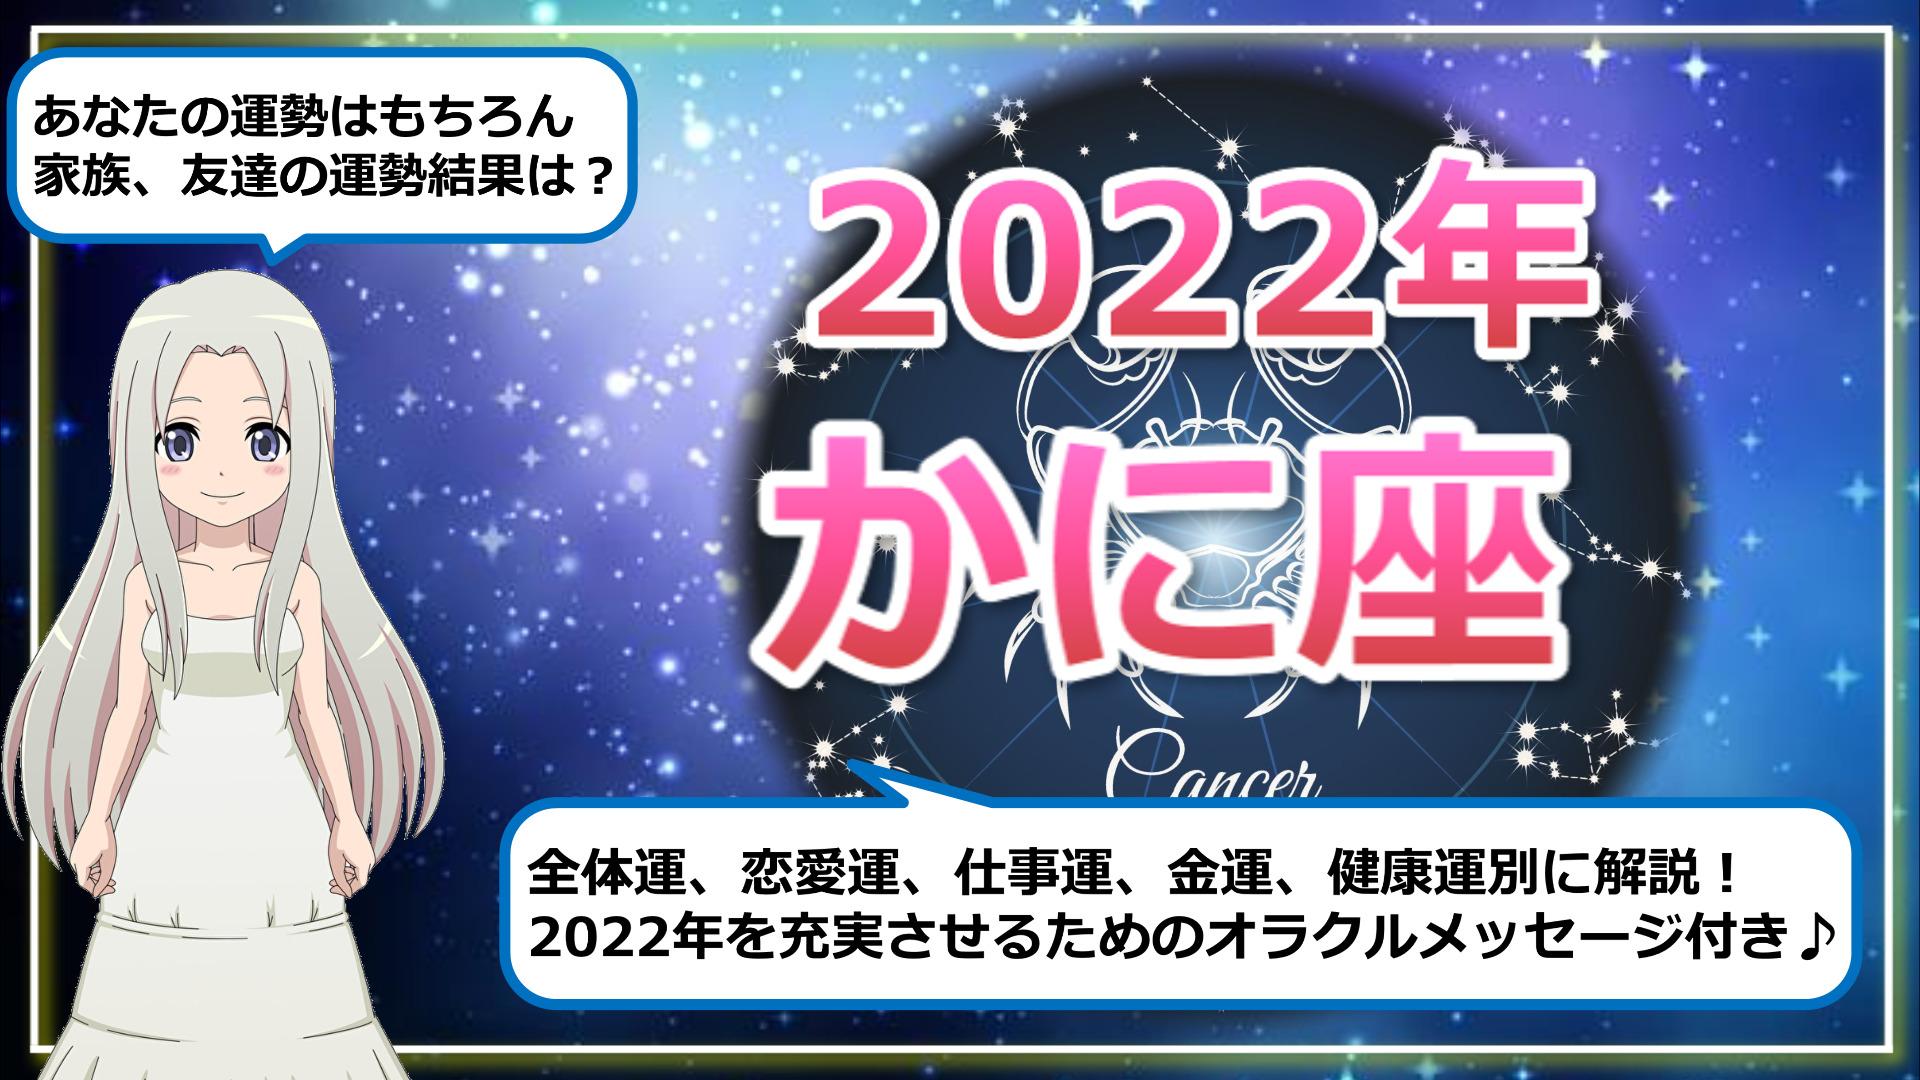 【2022年のかに座の運勢】運気好転の鍵は浄化にアリのアイキャッチ画像